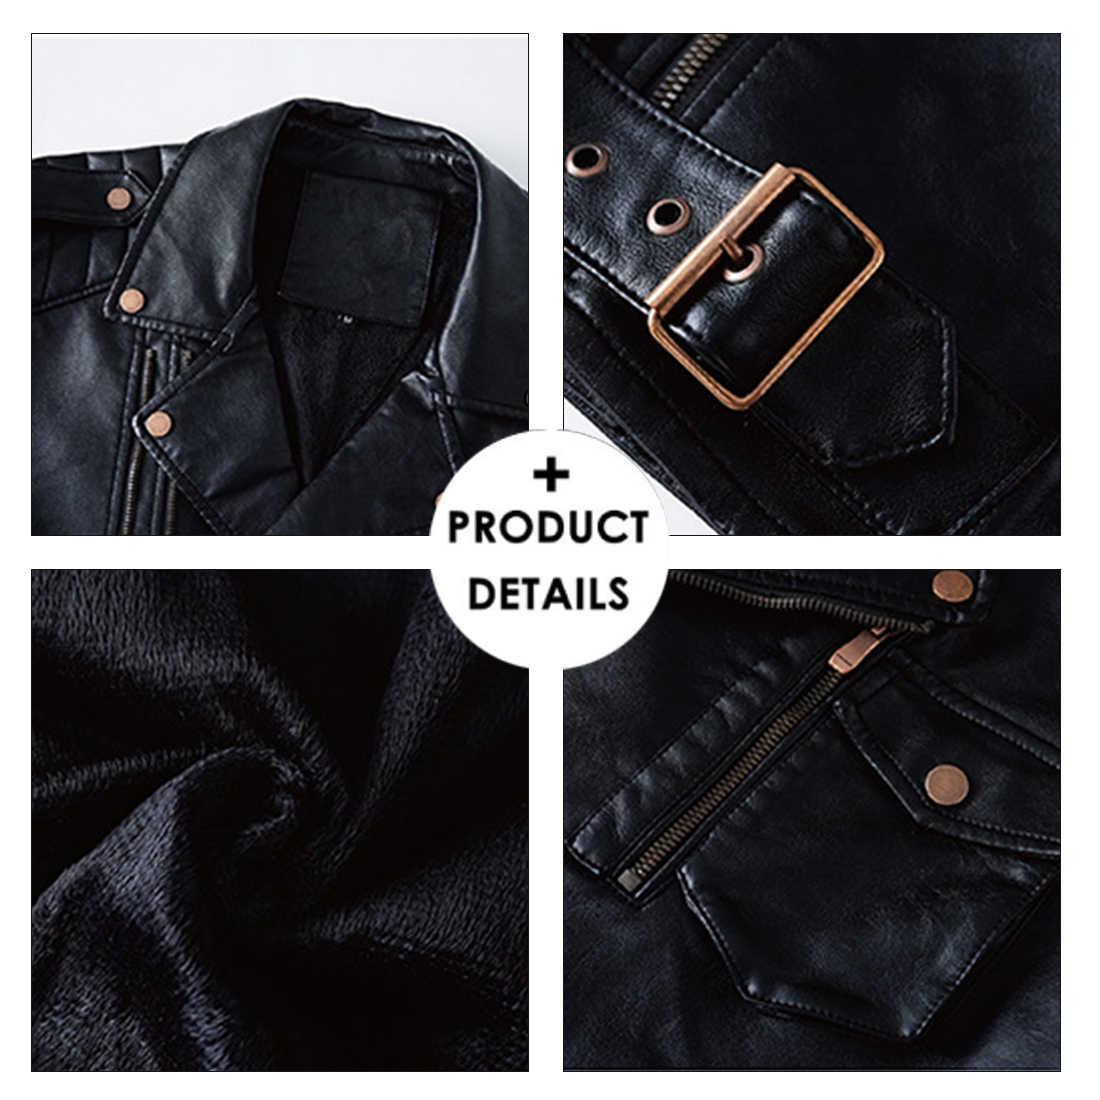 MUYOGRT мужская верхняя одежда, искусственная кожа, куртки 2020, Осень-зима, новая мужская повседневная классическая Теплая Флисовая кожаная куртка, пальто